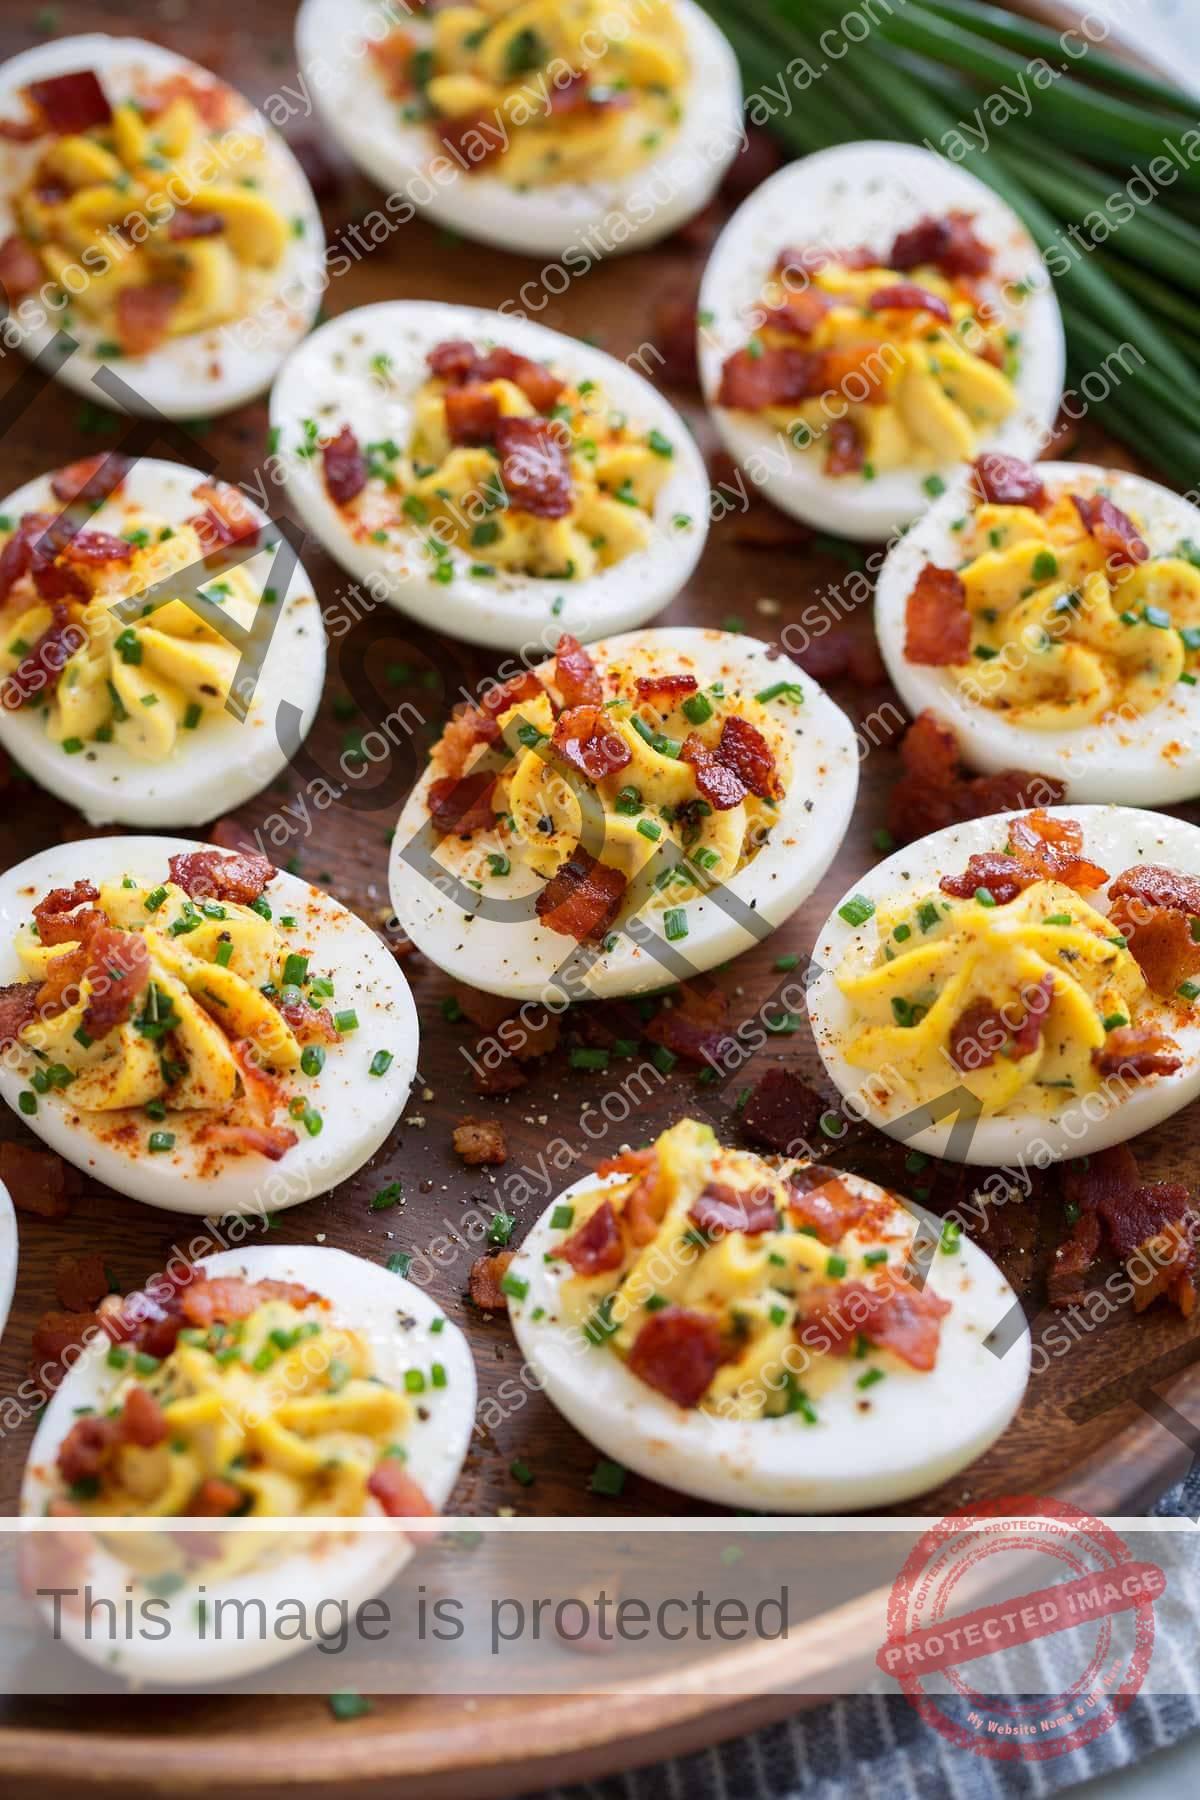 Plato de madera lleno de huevos duros.  Huevos rellenos de mahonesa cremosa y relleno de yema de huevo, acompañados de cebollino y tocino.